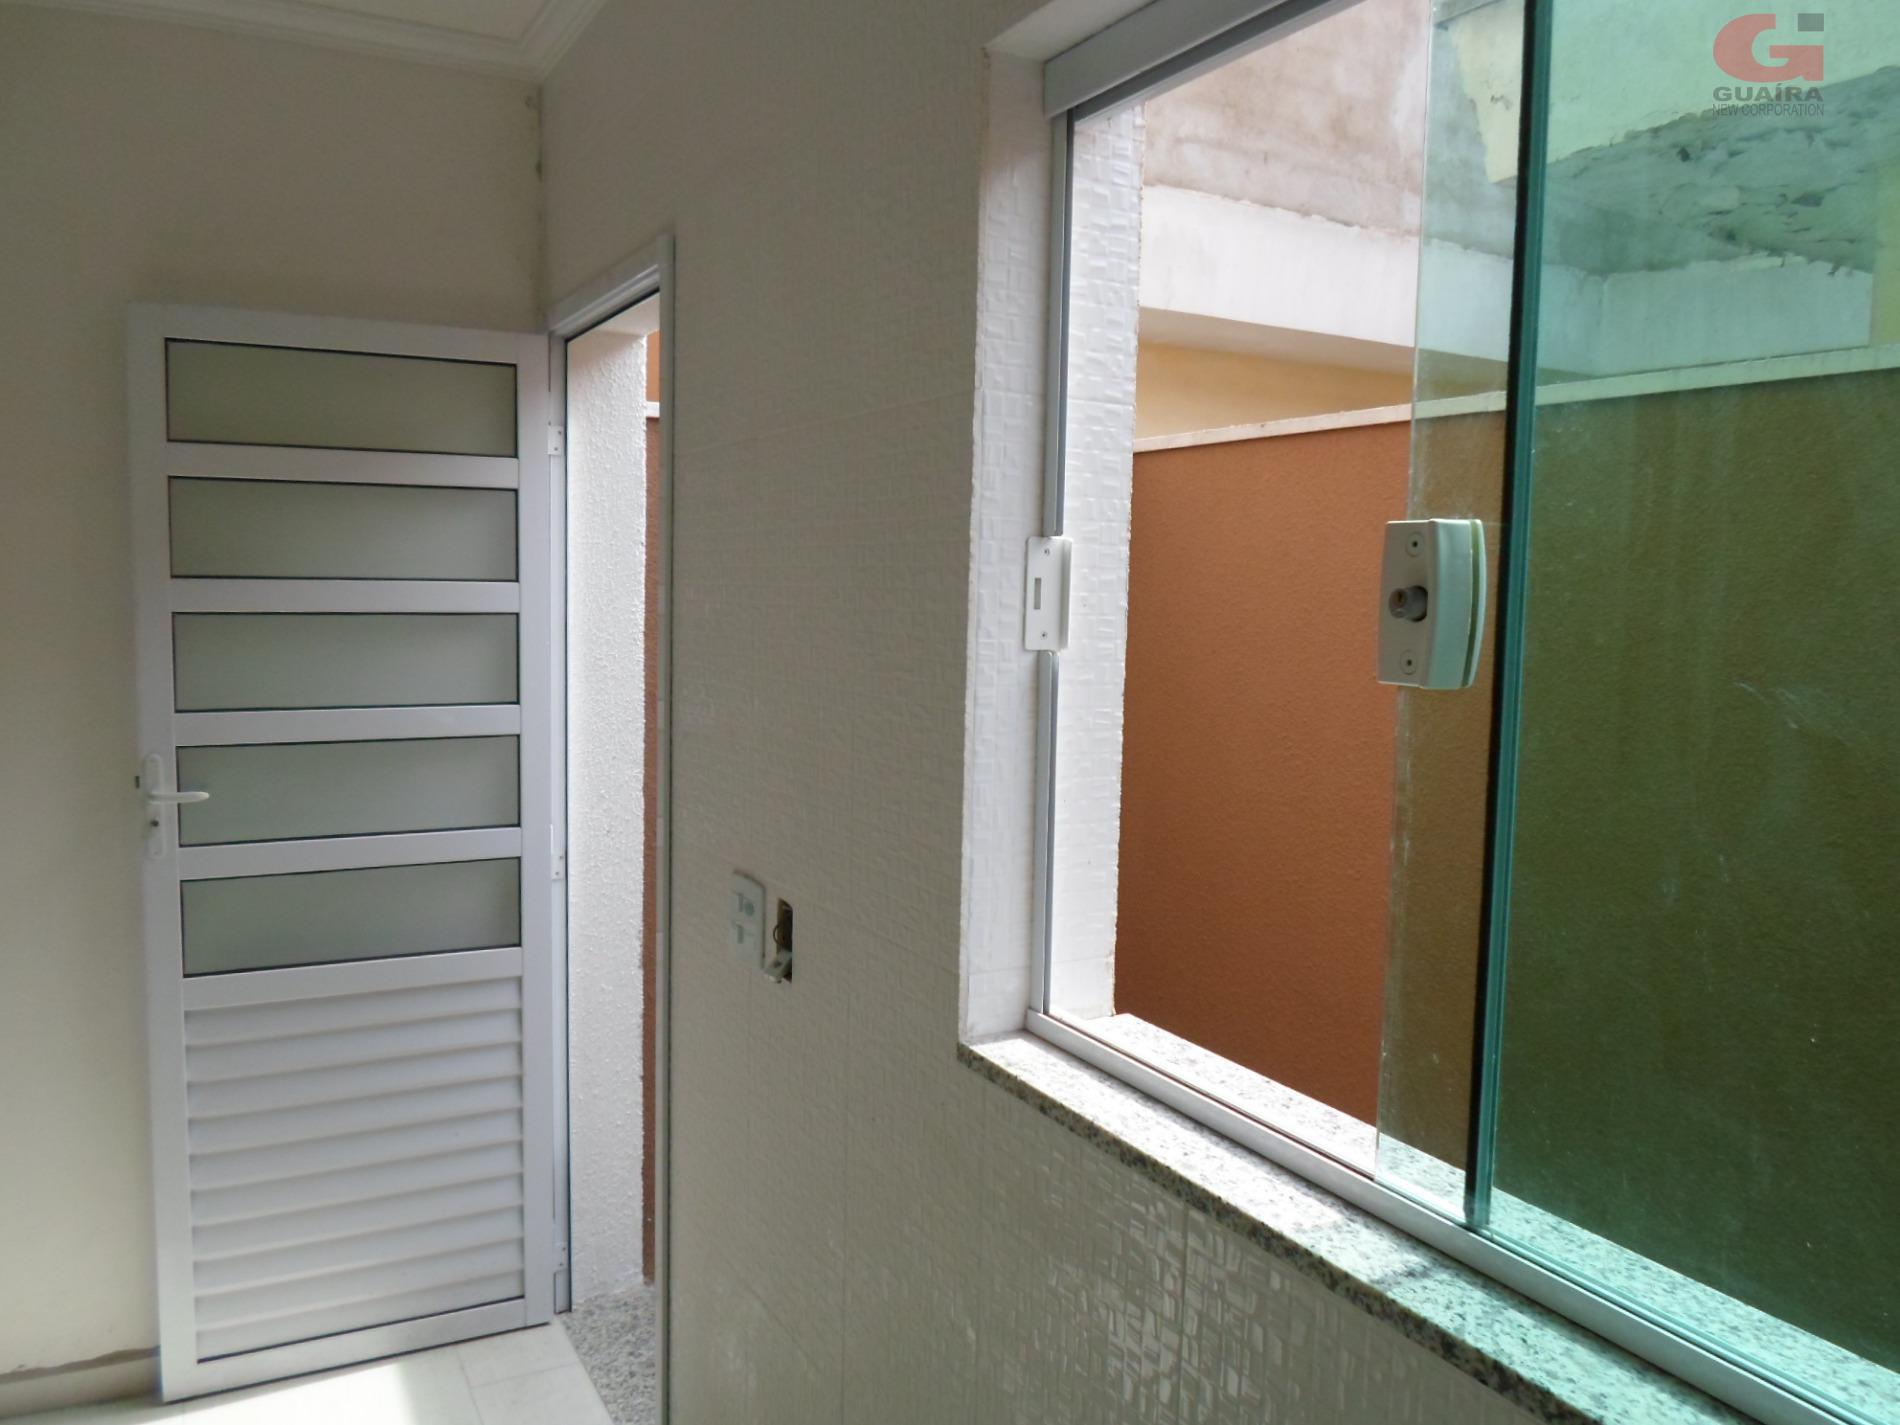 Sobrado de 2 dormitórios à venda em Vila Alzira, Santo André - SP